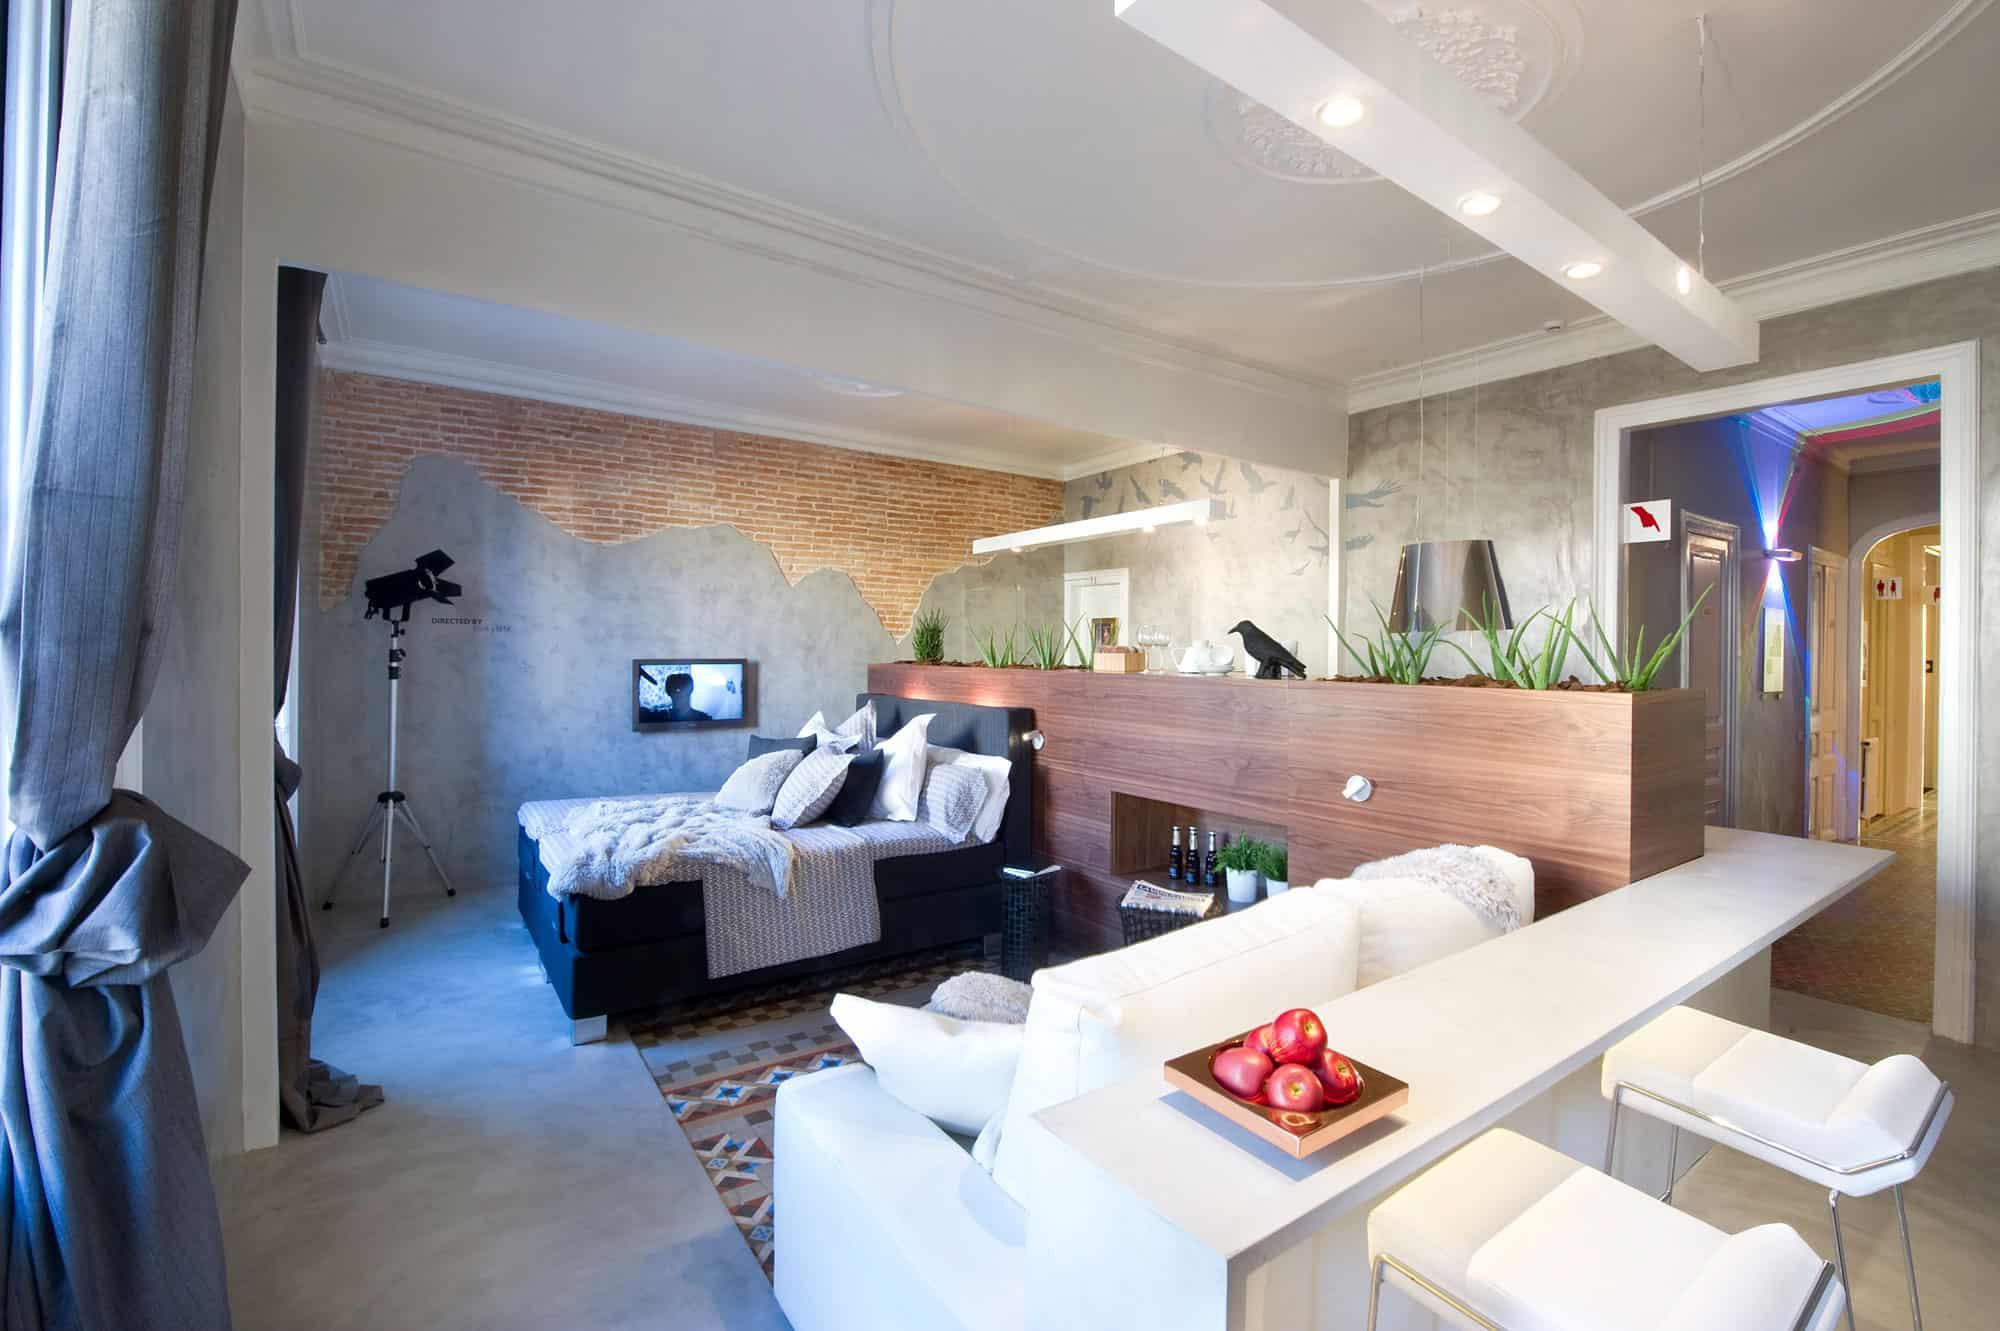 The Bates Motel Suite by Egue y Seta